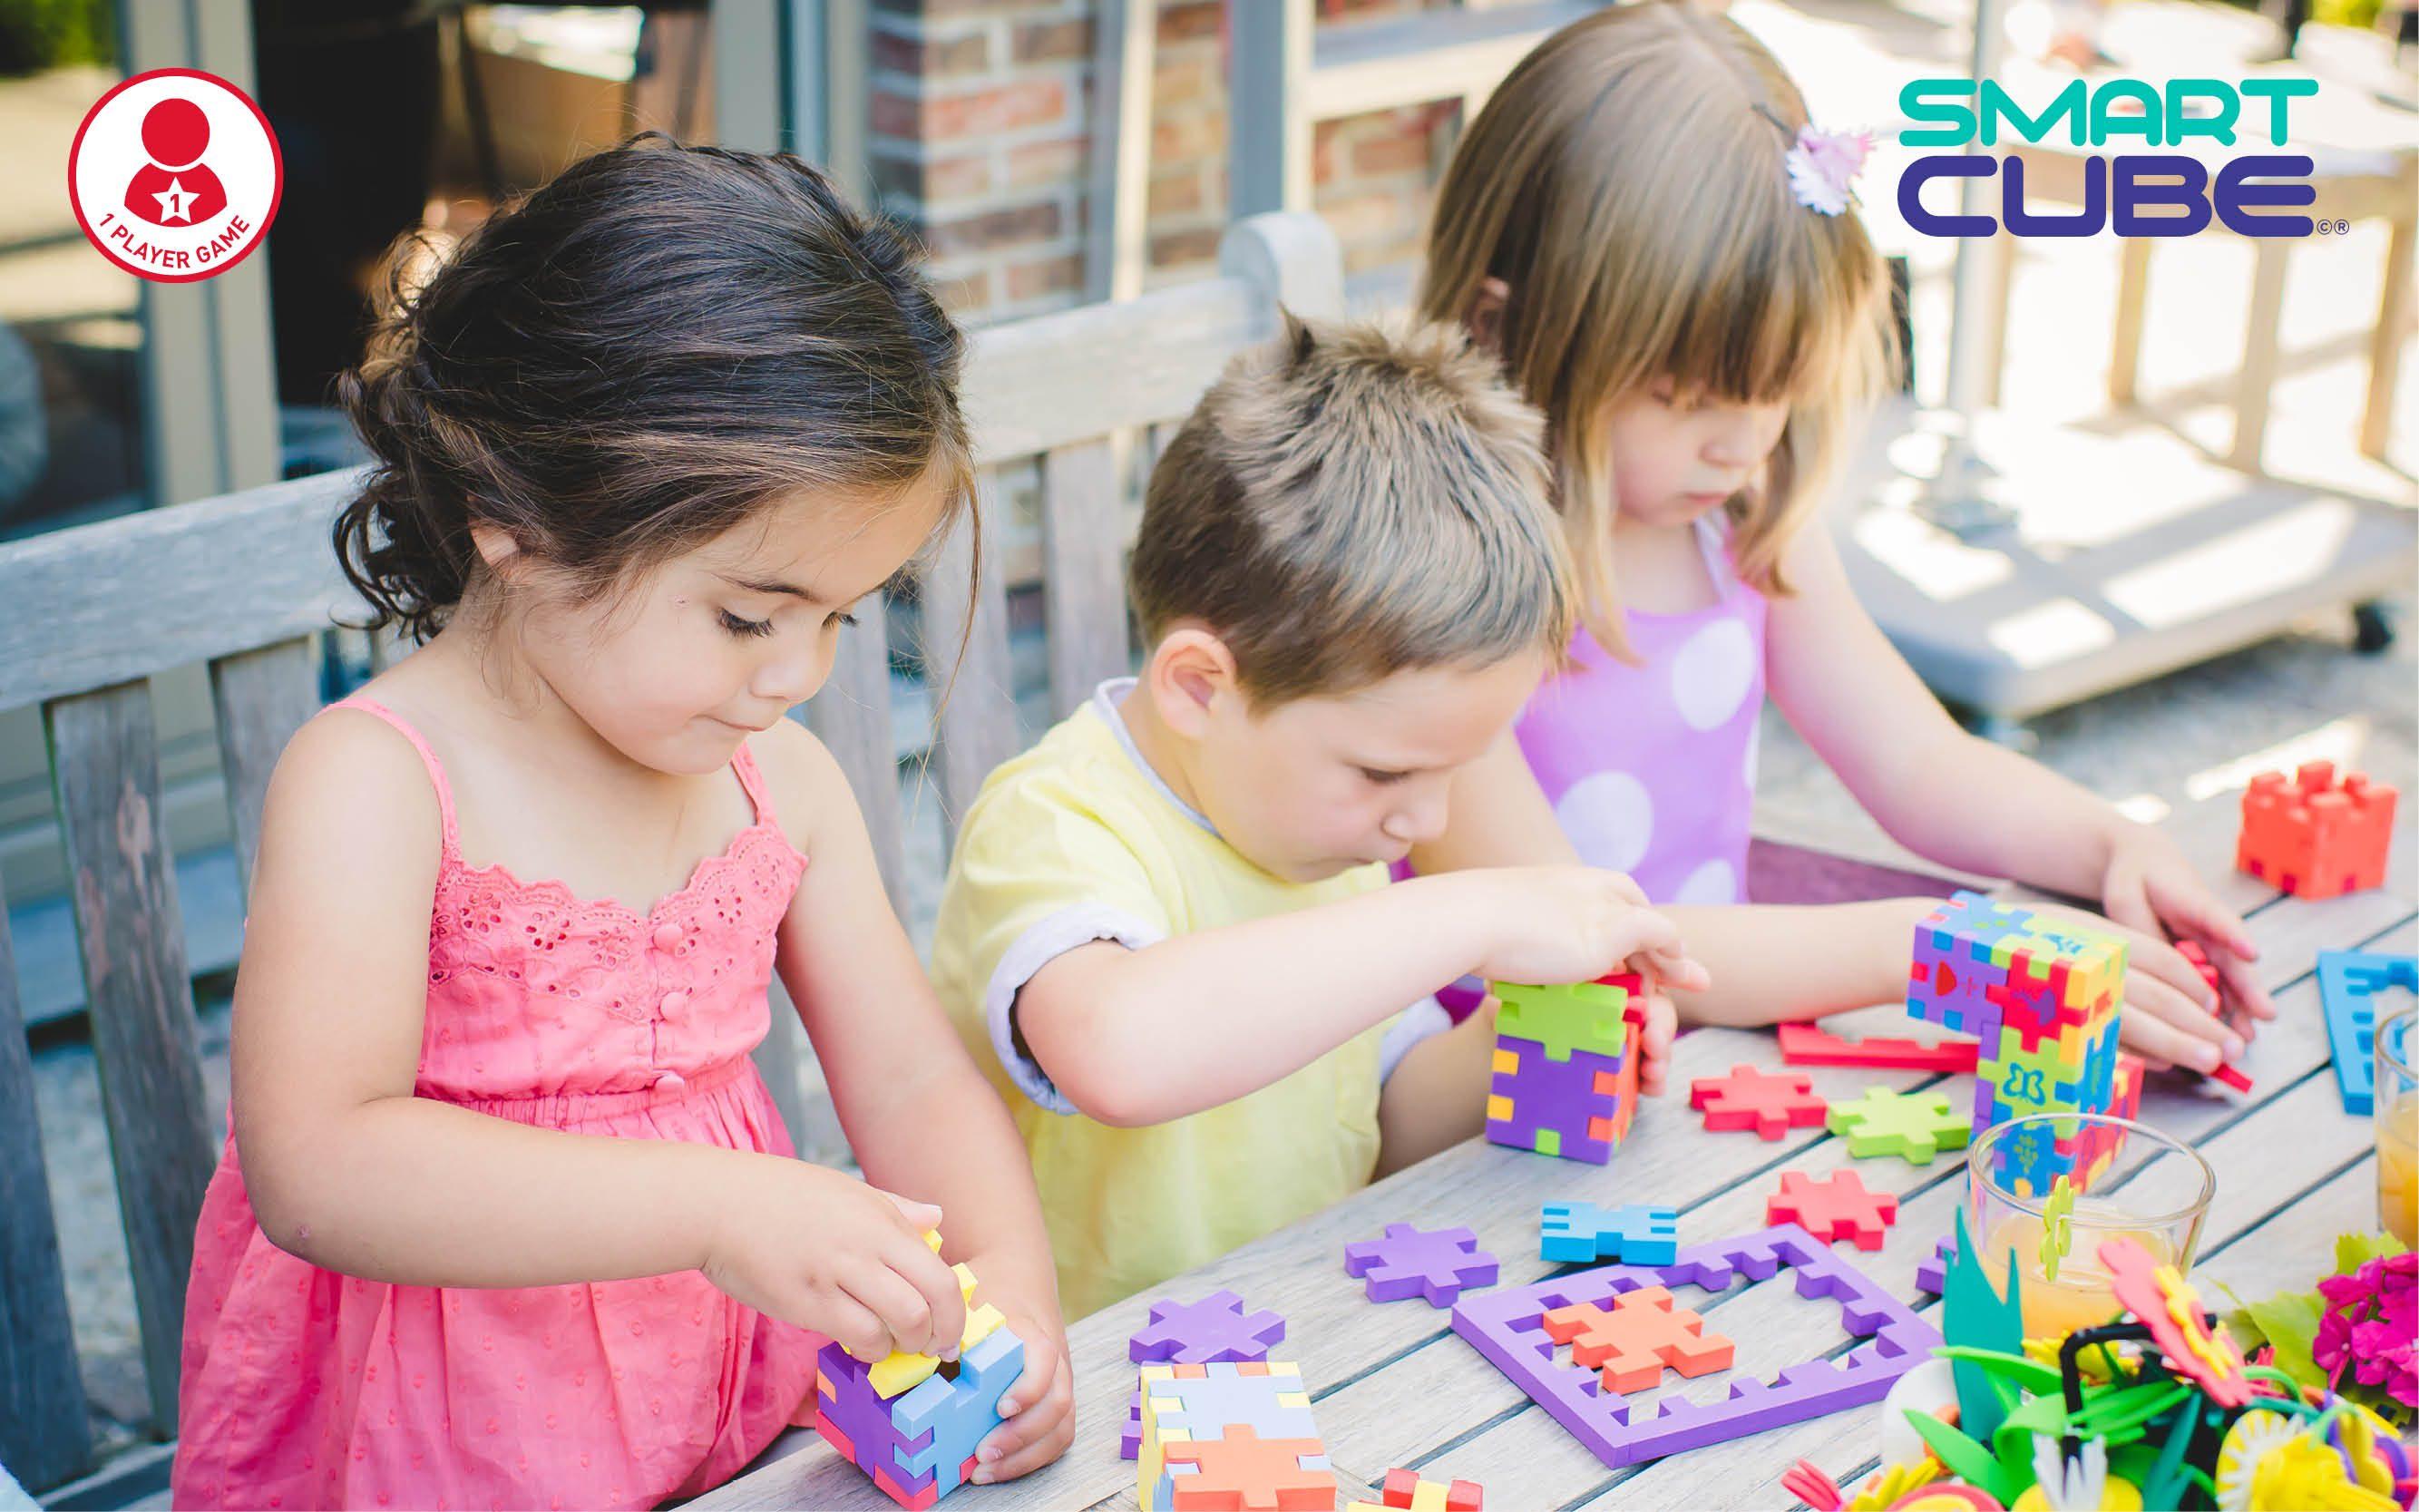 Happy_SmartCube_childrenpuzzling-3Dpuzzles-educational